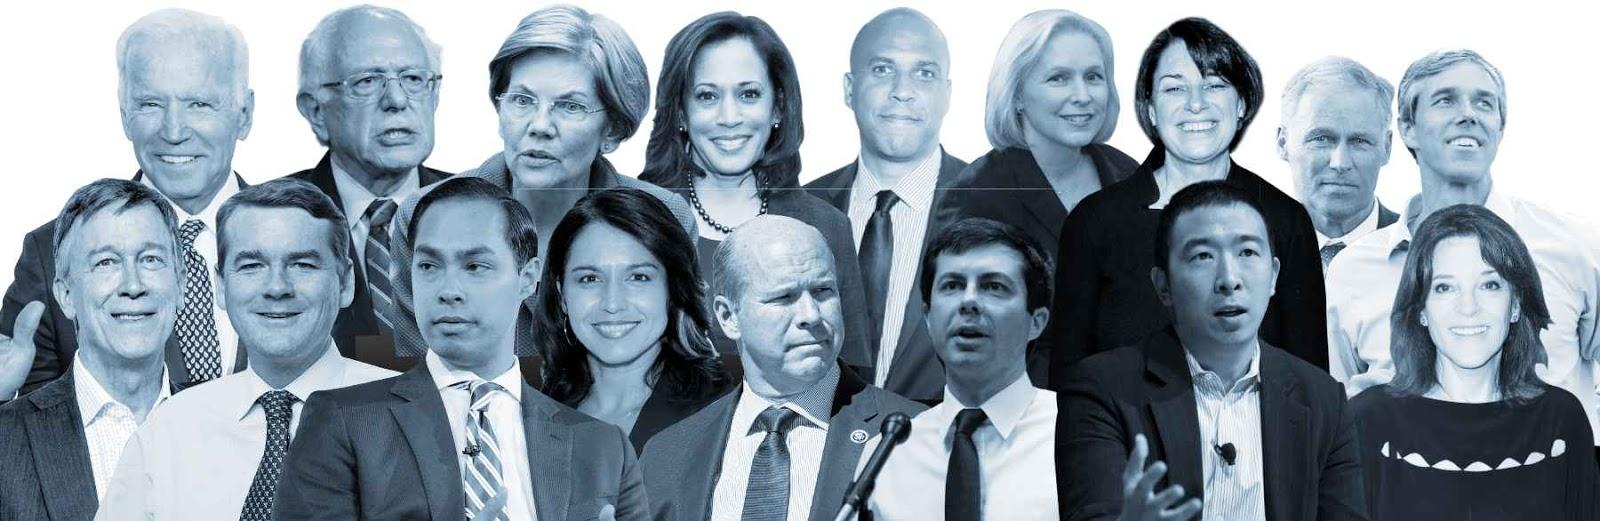 democratic polls 2020